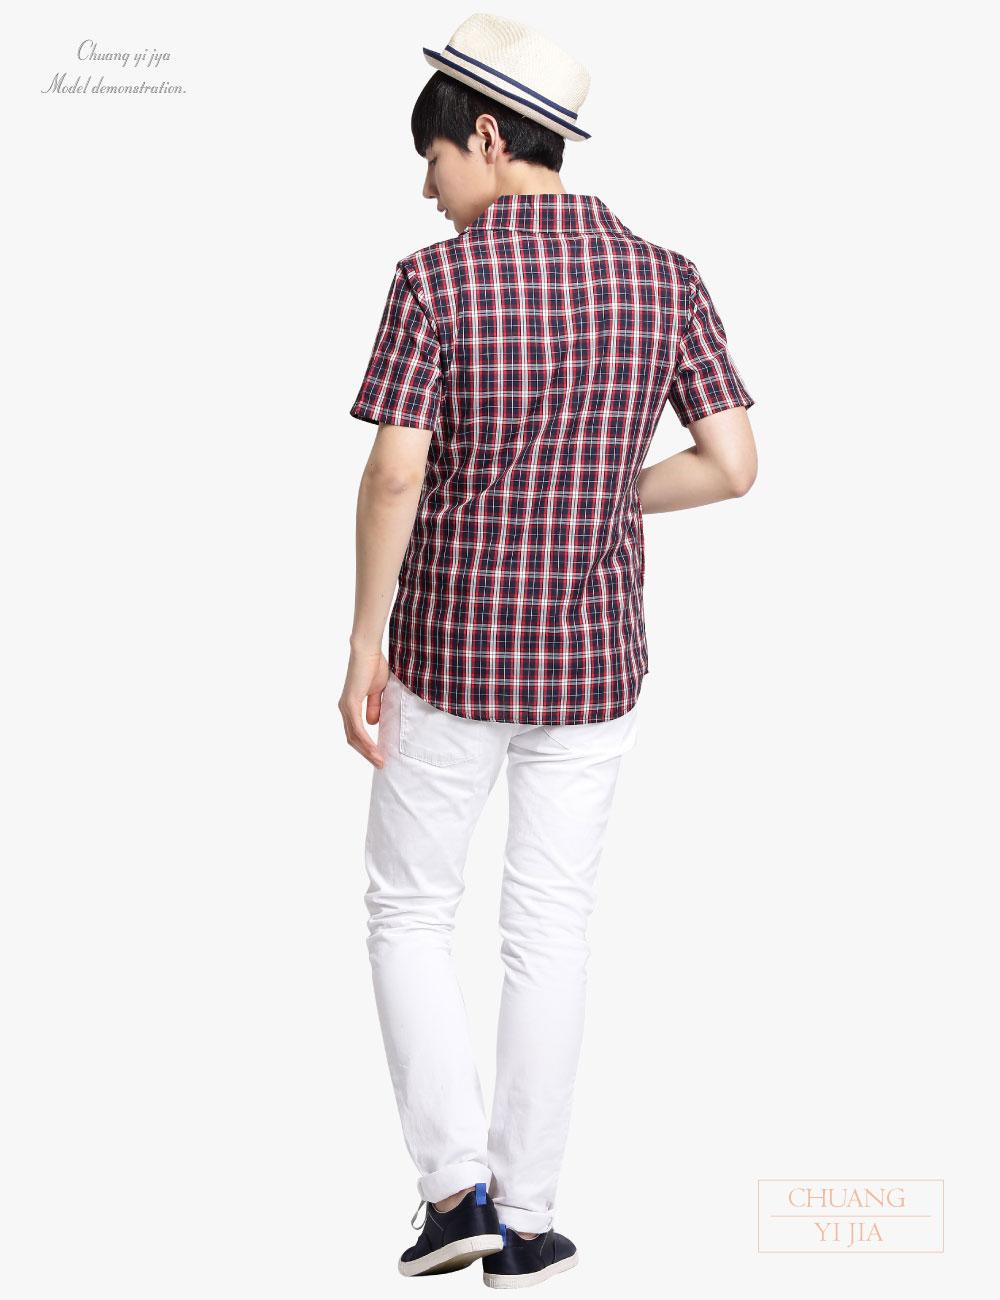 男襯衫,休閒服,專櫃制服,商務襯衫,短袖襯衫,長袖襯衫,客製化襯衫,公司制服,工作服,品牌服,訂製襯衫,白襯衫,條紋襯衫,格子襯衫,專業套裝